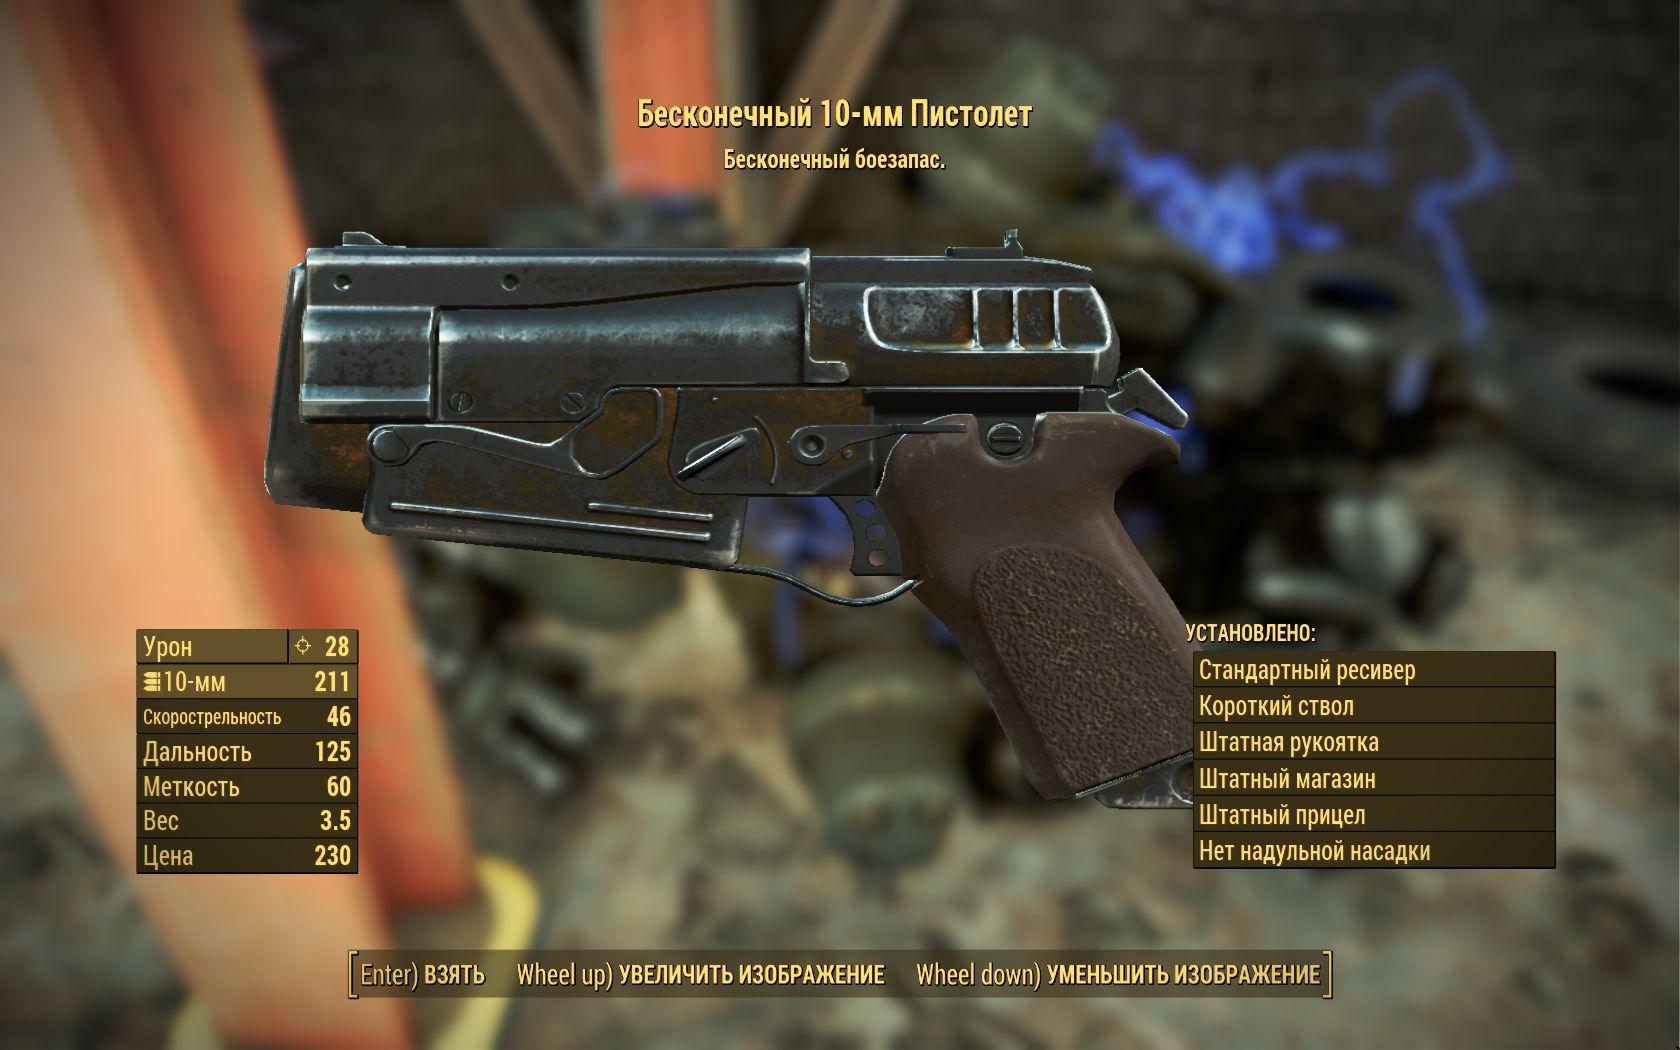 Бесконечный 10-мм пистолет - Fallout 4 оружие